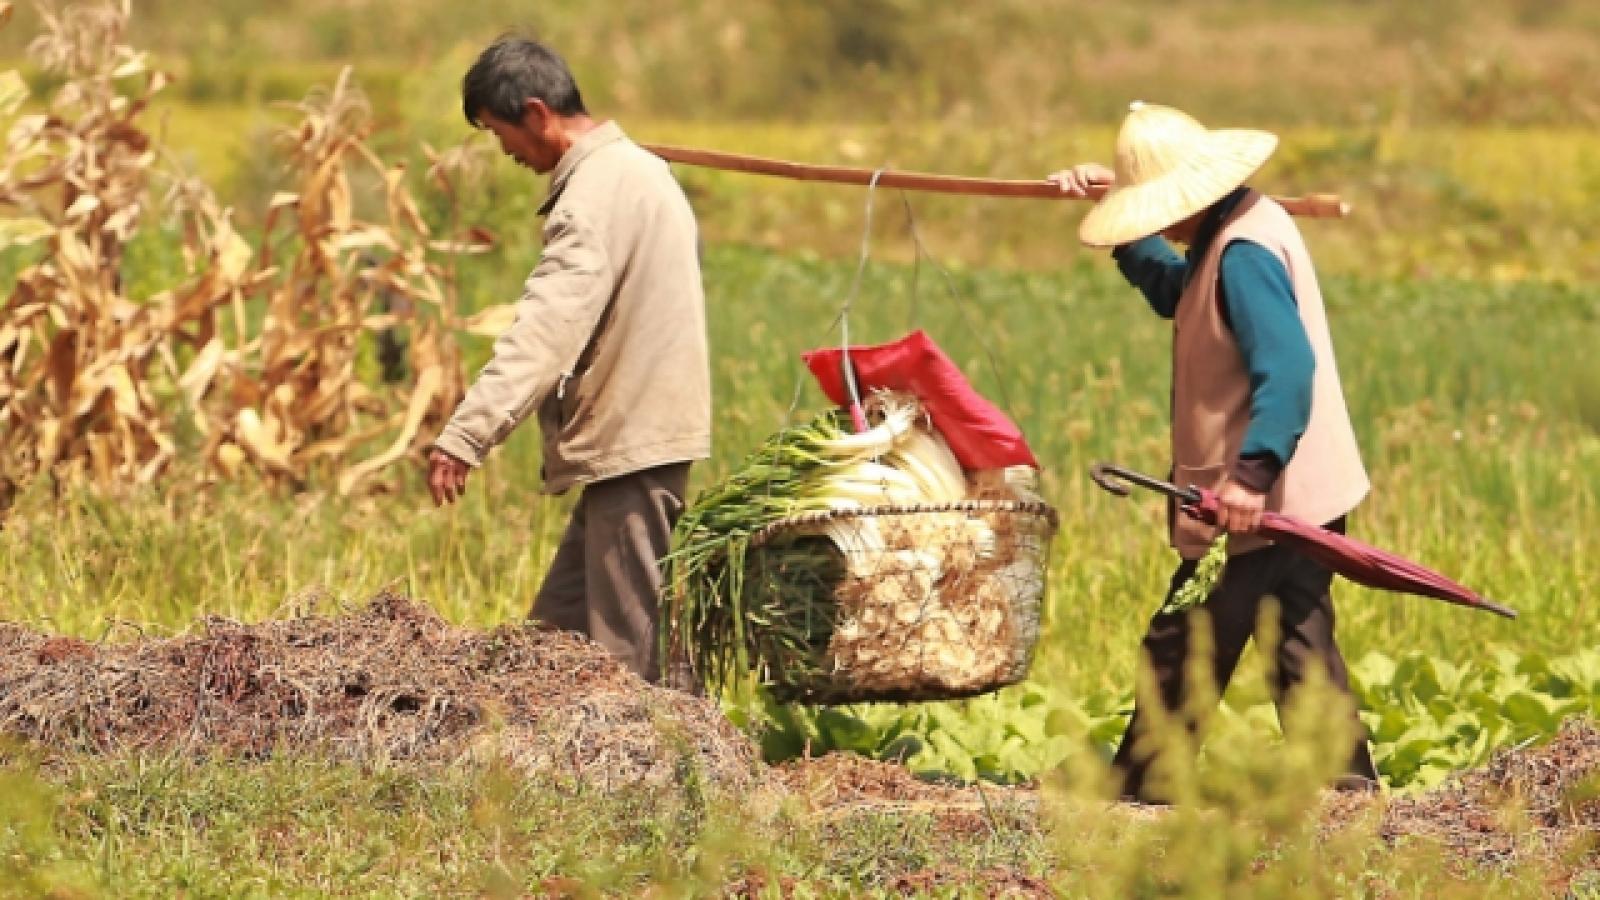 Trung Quốc có thể thiếu 130 triệu tấn lương thực vào cuối giai đoạn 2021-2025